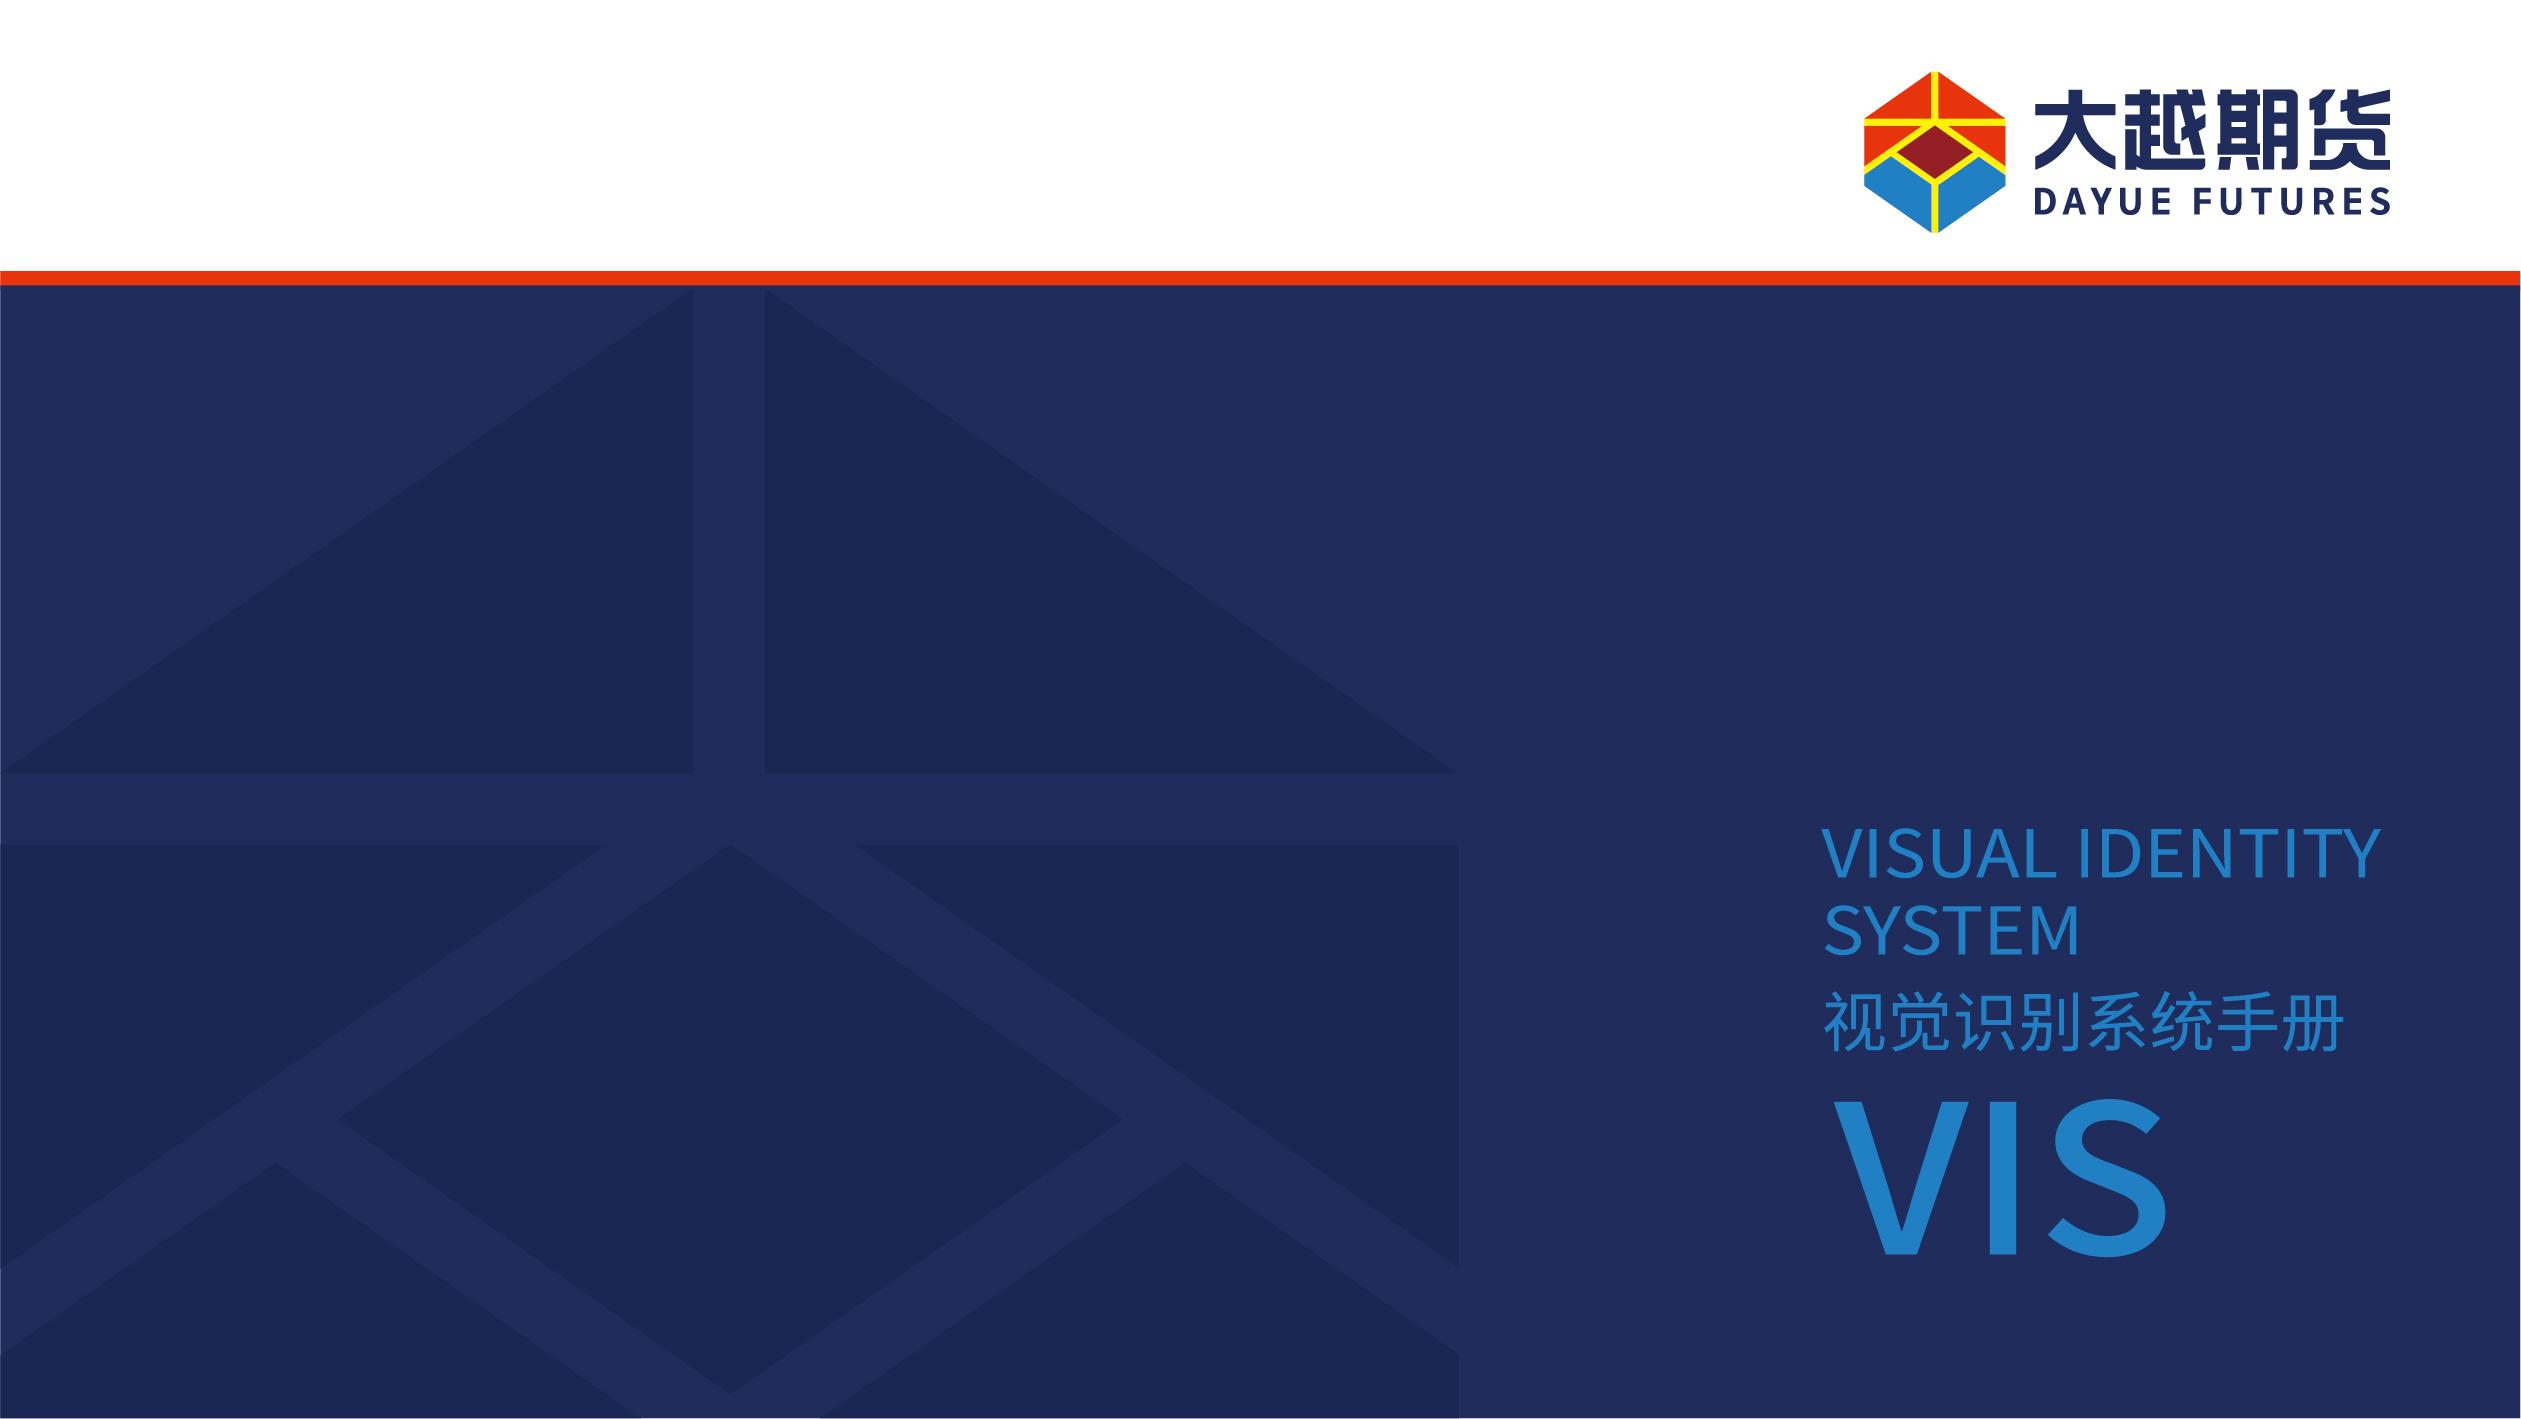 大越期货金融期货品牌VI设计